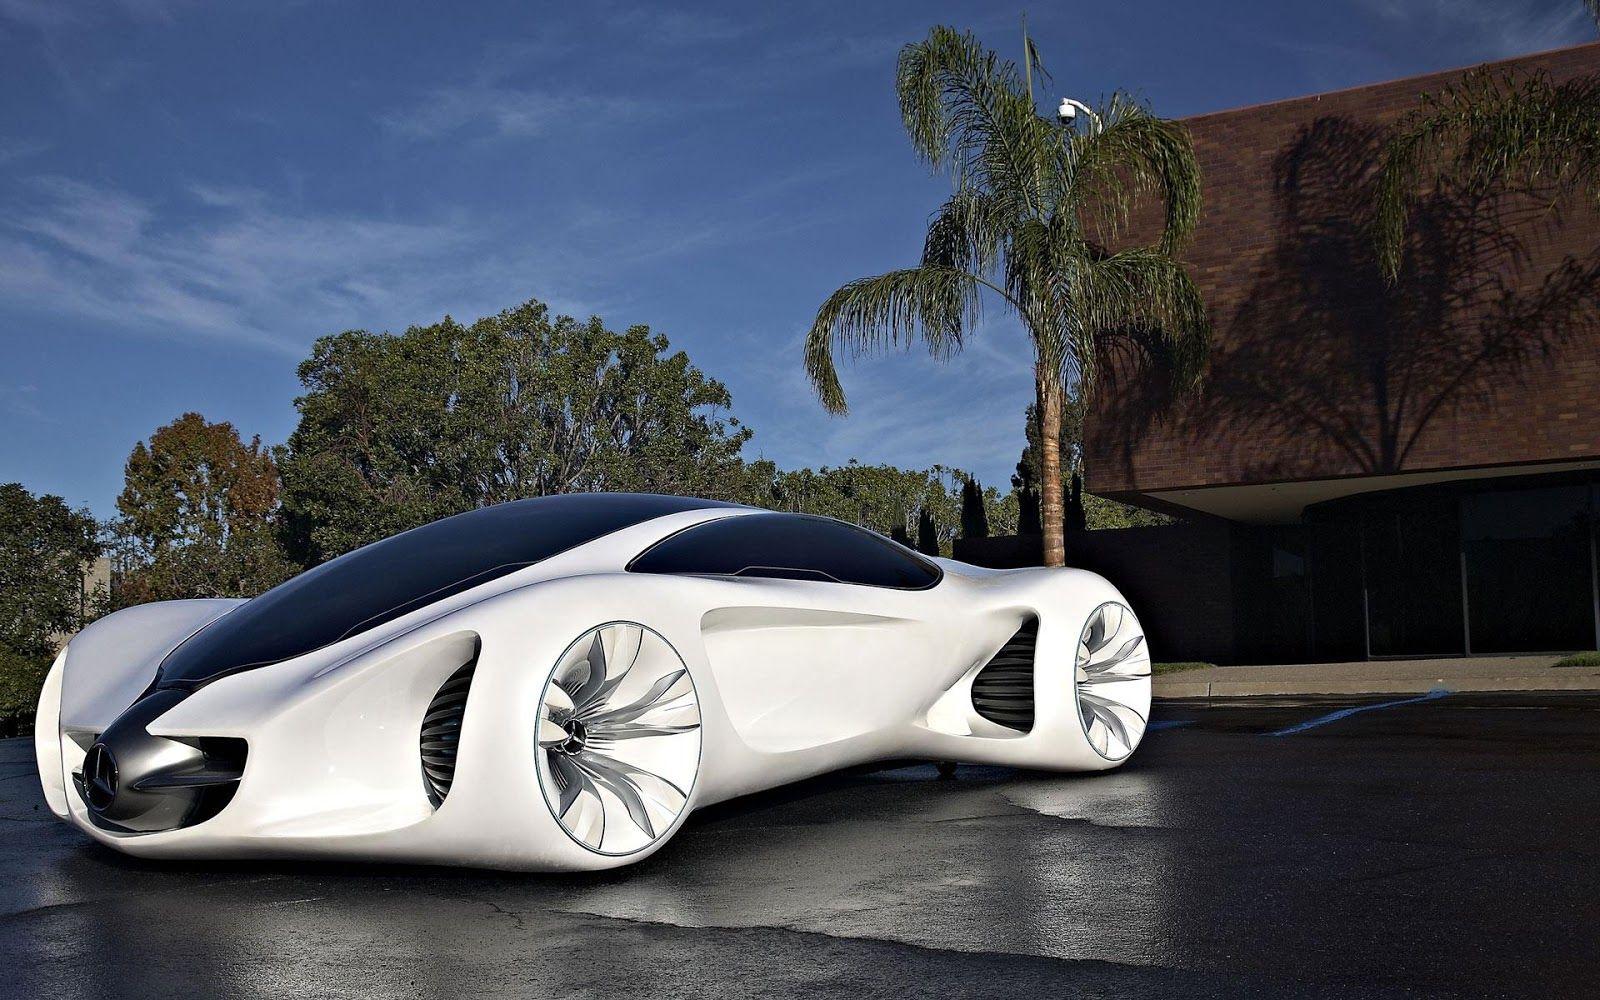 dream cars innovative design visionary ideas